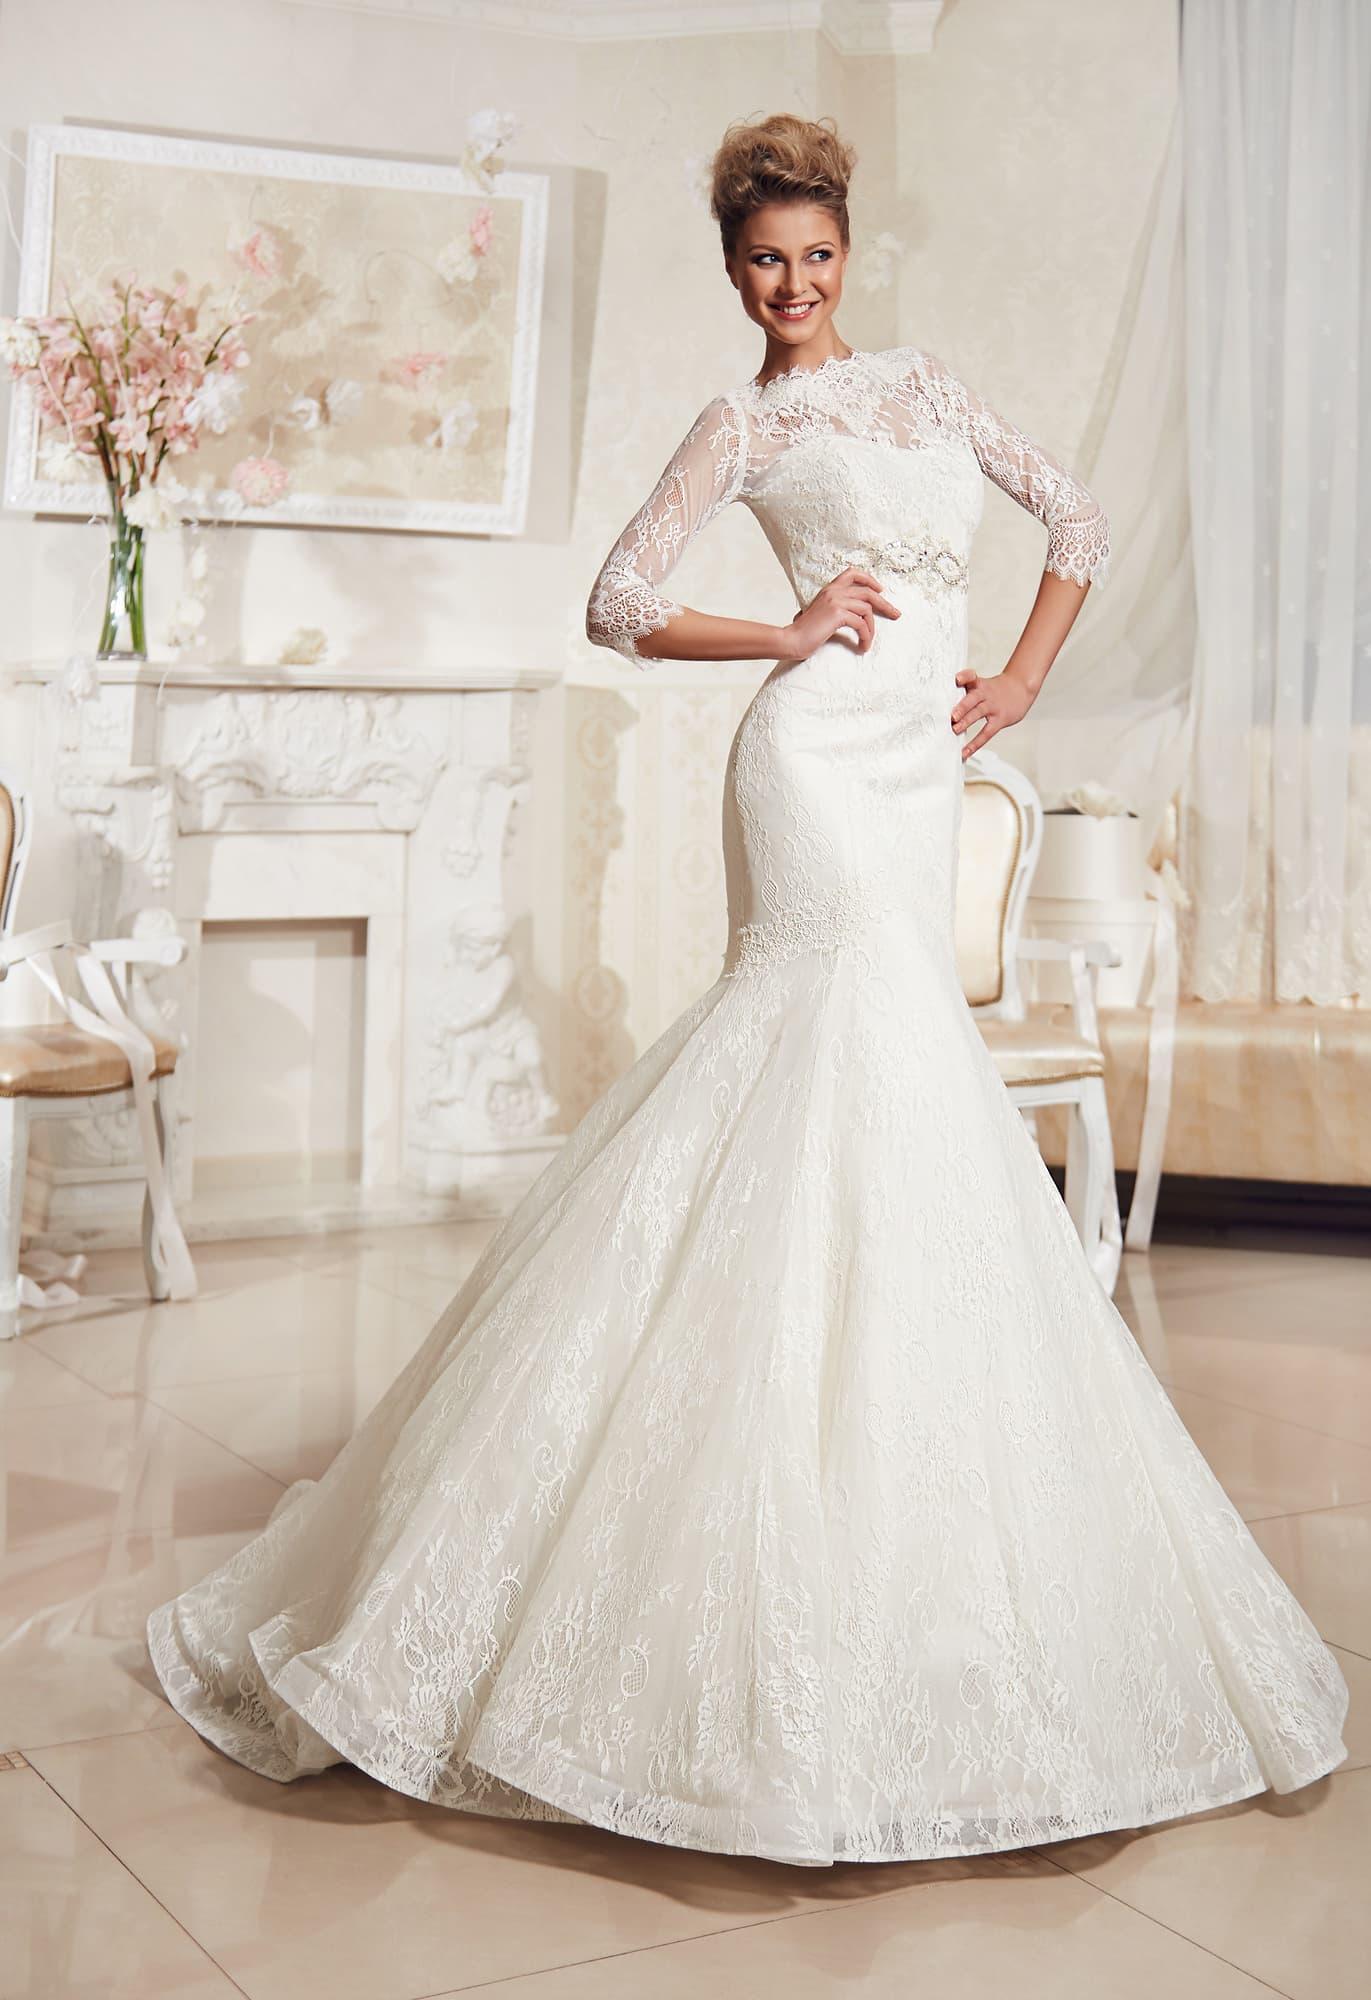 d36207ea825 Свадебное платье Eva Grandes Gloria ▷ Свадебный Торговый Центр Вега ...